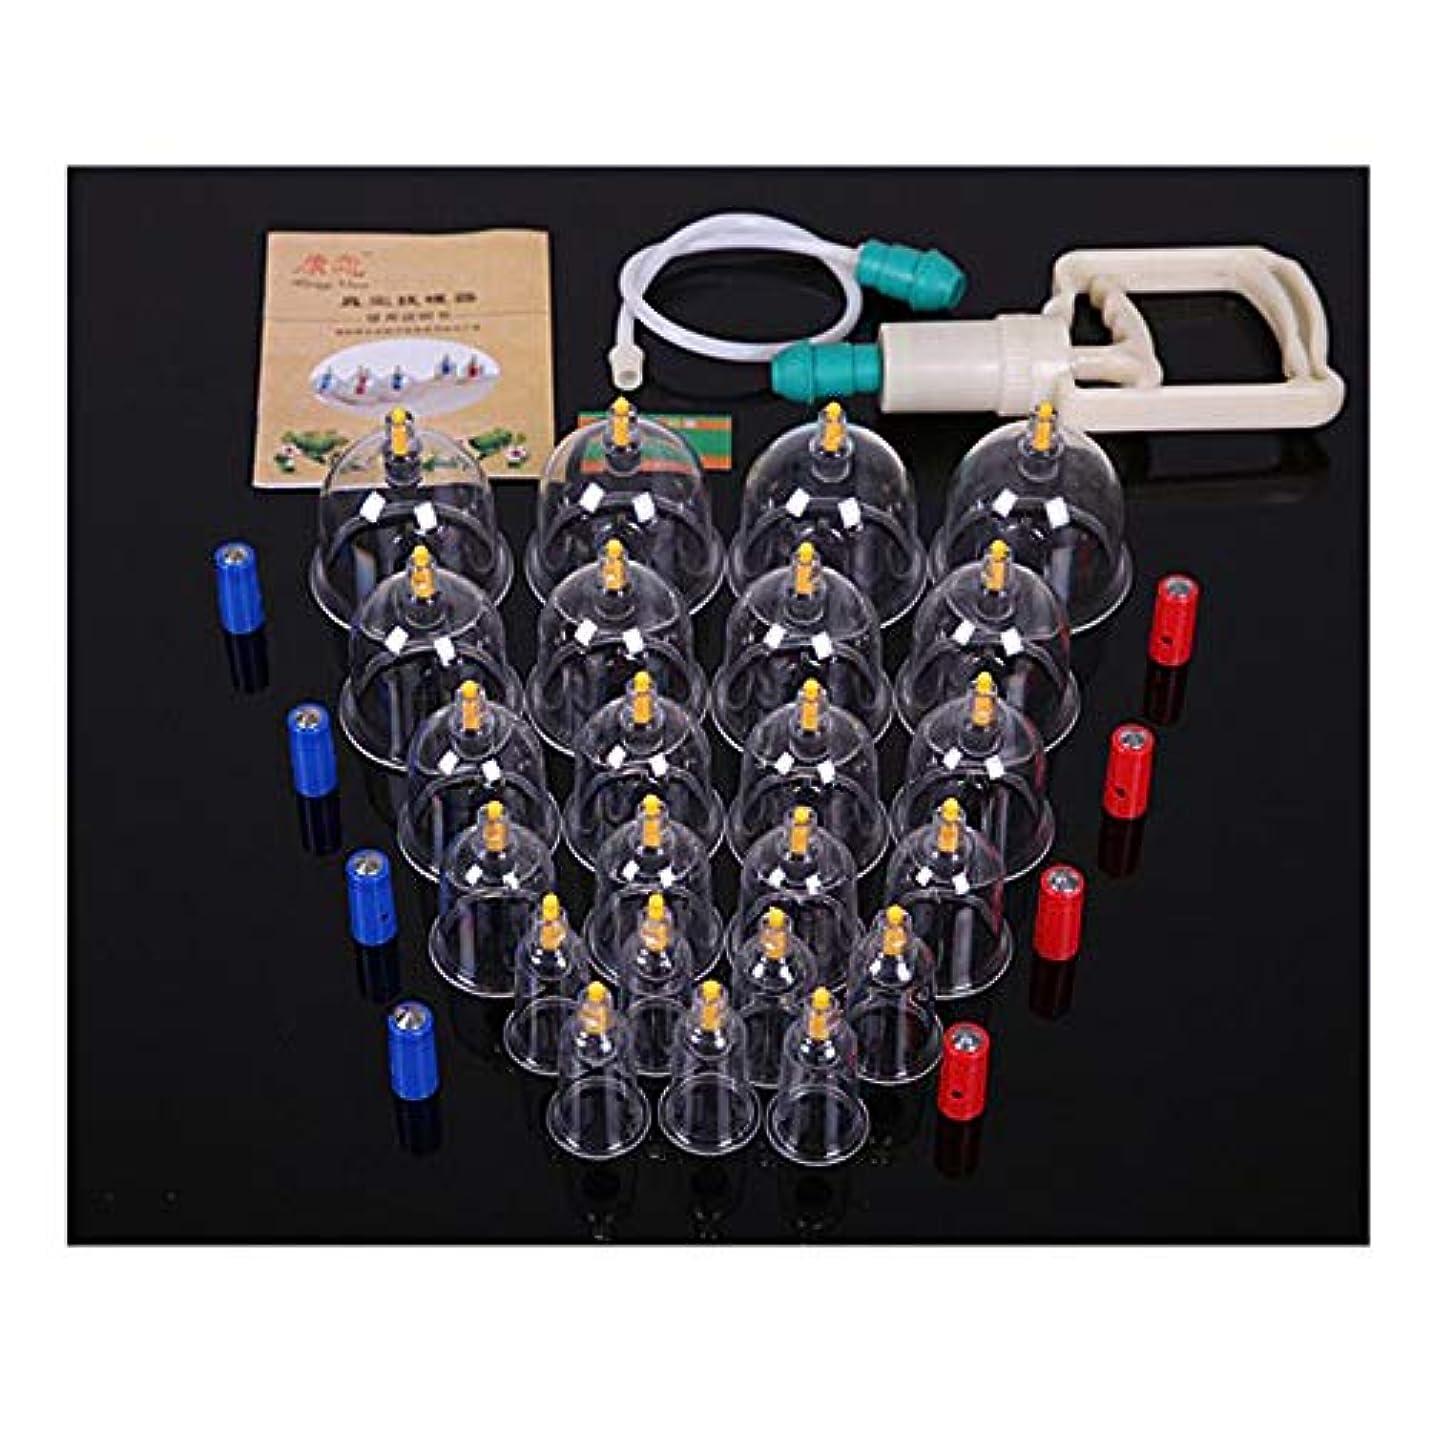 吸い玉カップ カッピング セラピー 真空ポンプ付き 吸玉治療 痛み緩和 血液の循環を促す 中国式療法 マッサージ効果 Kazeno Gaden(24個セット)